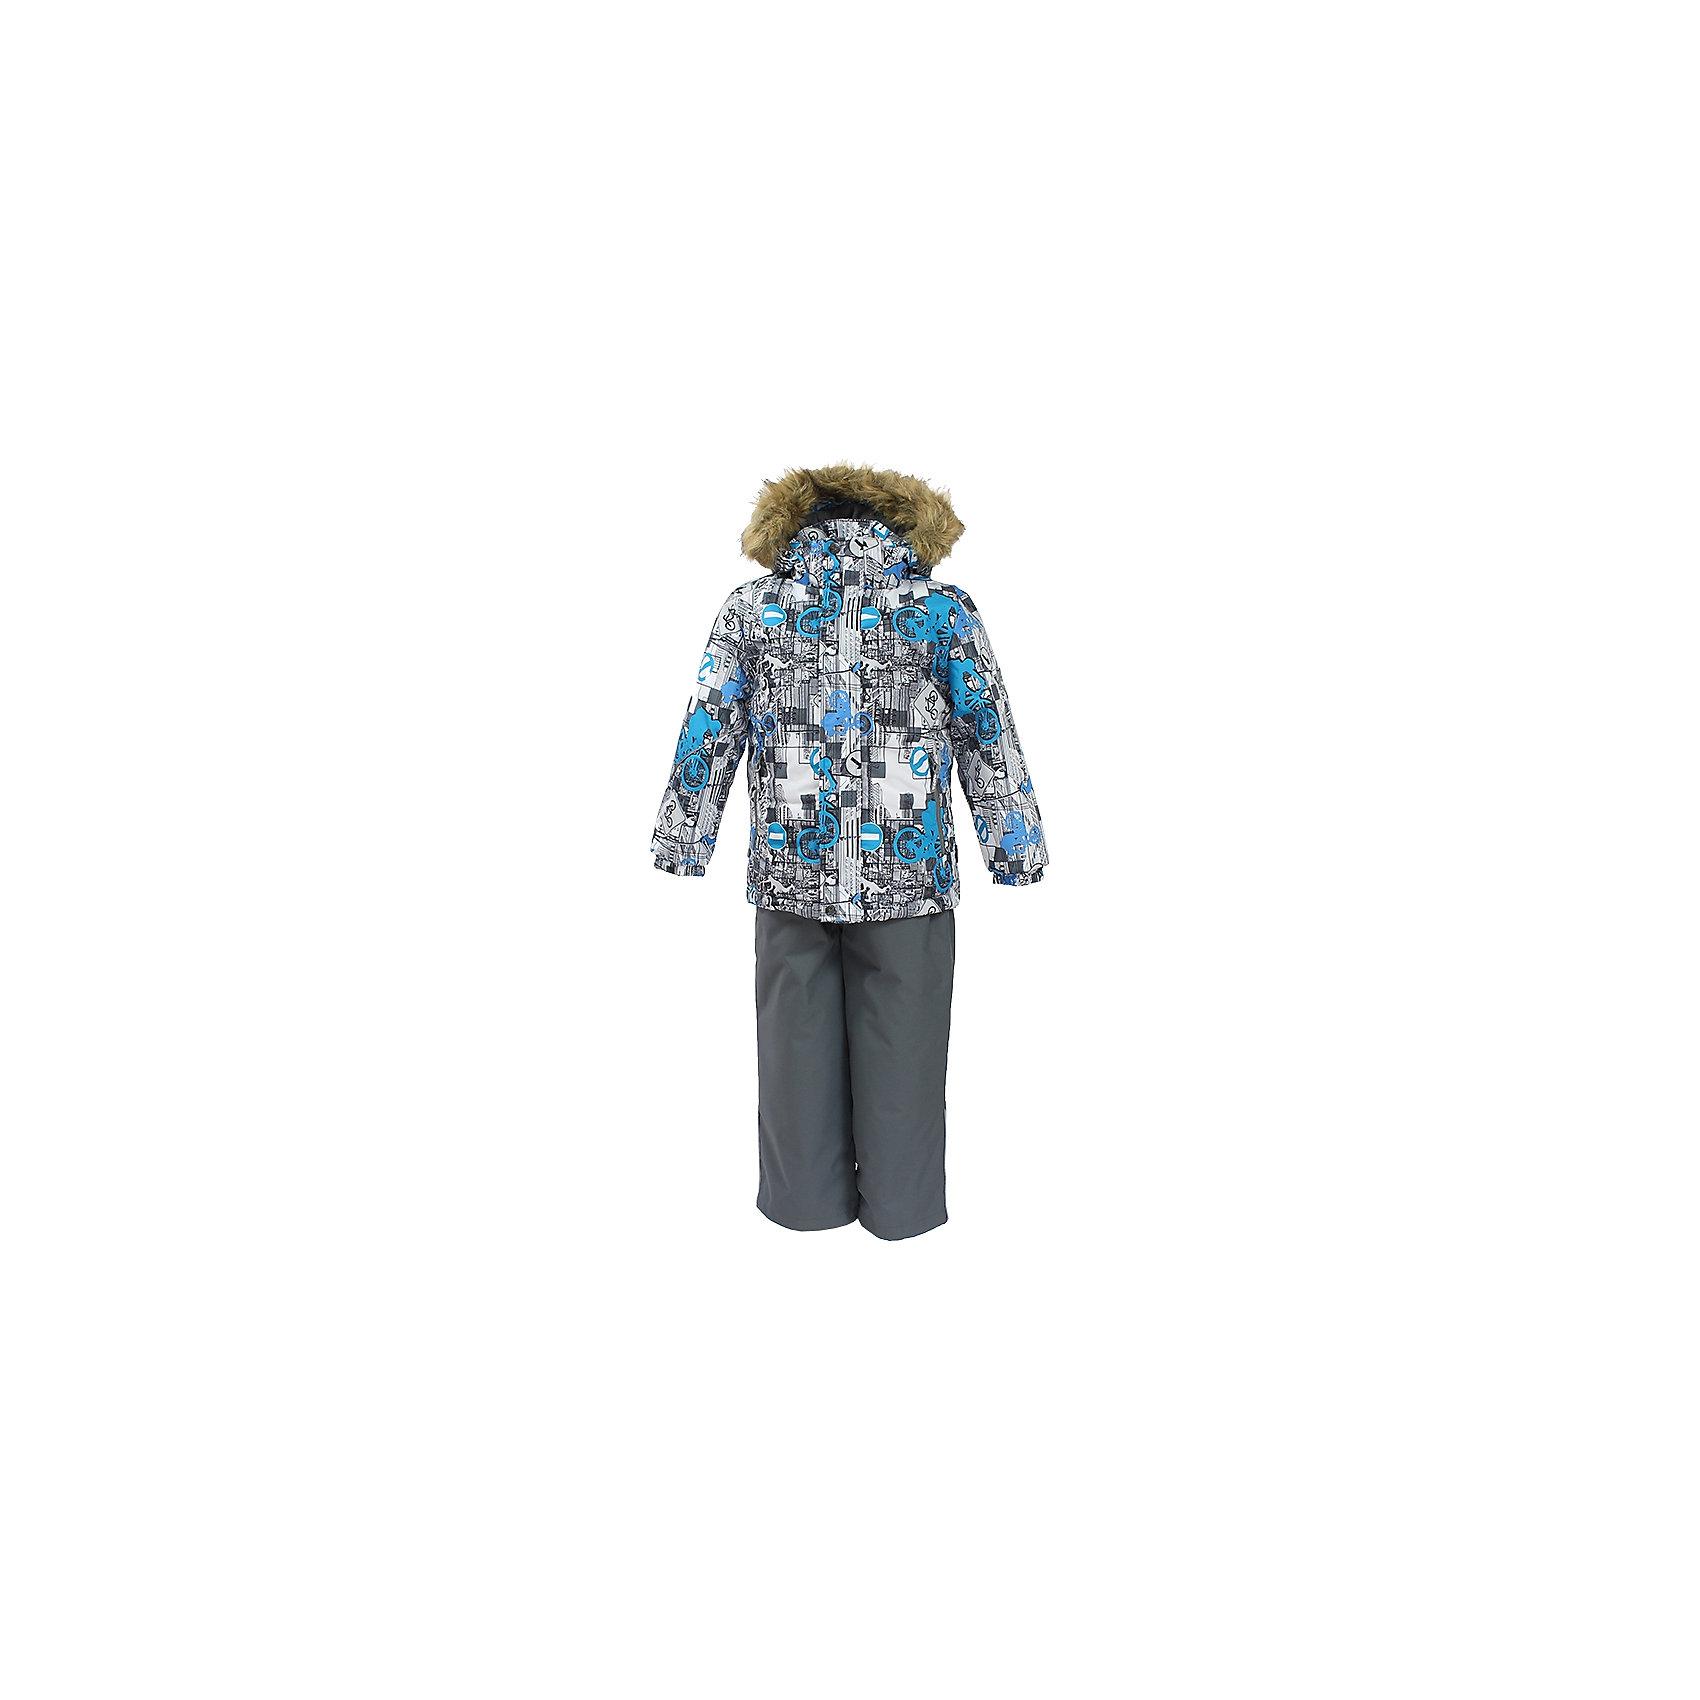 Комплект: куртка и брюки DANTE HuppaВерхняя одежда<br>Характеристики товара:<br><br>• модель: Dante;<br>• цвет: белый принт/ серый;<br>• состав: 100% полиэстер;<br>• утеплитель: нового поколения HuppaTherm, 300 гр куртка / 160гр брюки;<br>• подкладка: полиэстер: тафта, pritex;<br>• сезон: зима;<br>• температурный режим: от -5 до - 30С;<br>• водонепроницаемость: 10000 мм;<br>• воздухопроницаемость: 10000 г/м2/24ч;<br>• особенности модели: c рисунком; с мехом на капюшоне;<br>• плечевые швы и шаговый шов проклеены и не пропускают влагу;<br>• в куртке застежка молния, прикрыта планкой;<br>• низ куртки стягивается кулиской, что помогает предотвращать попадание снега внутрь;<br>• эластичные подтяжки регулируются по длине;<br>• низ брюк затягивается на шнурок с фиксатором;<br>• снегозащитные манжеты на штанинах;<br>• безопасный капюшон крепится на кнопки и, при необходимости, отстегивается;<br>• искусственный мех на капюшоне съемный;<br>• светоотражающие элементы для безопасности ребенка;<br>• внутренний и боковые карманы застегиваются на молнию;<br>• манжеты рукавов эластичные, на резинках; <br>• страна бренда: Финляндия;<br>• страна изготовитель: Эстония.<br><br>Зимний комплект Dante - это отличный вариант для холодной зимы. Утеплитель HuppaTherm - высокотехнологичный легкий синтетический утеплитель нового поколения. Сохраняет объем и высокую теплоизоляцию изделия. Легко стирается и быстро сохнет. Изделия HuppaTherm легкие по весу, комфортные и теплые.<br><br>Мембрана препятствует прохождению воды и ветра сквозь ткань внутрь изделия, позволяя испаряться выделяемой телом, образовывающейся внутри влаге. Прочная ткань: сплетения волокон в тканях выполнены по специальной технологии, которая придаёт ткани прочность и предохранят от истирания.Подкладка —полиэстер: тафта, pritex.<br><br>Функциональные элементы: Куртка: капюшон и мех отстегивается,  застежка молния, прикрыта планкой, манжеты на резинке, светоотражающие элементы. Брюки:  застежка молния, эластичные подтяжки регул